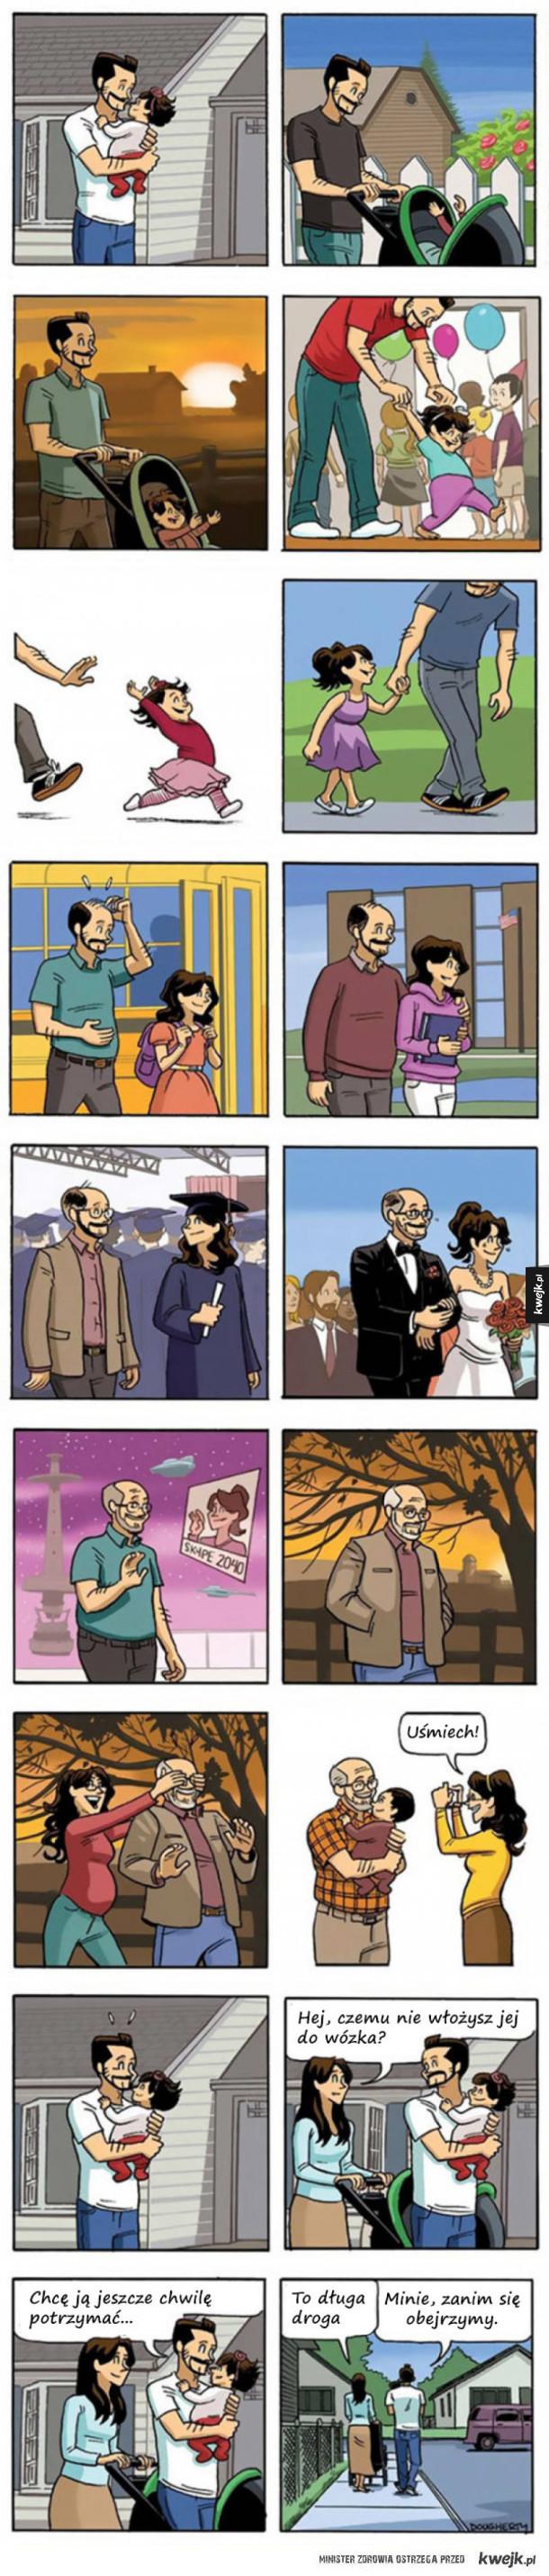 Wzruszający komiks o rodzicielstwie i przemijaniu